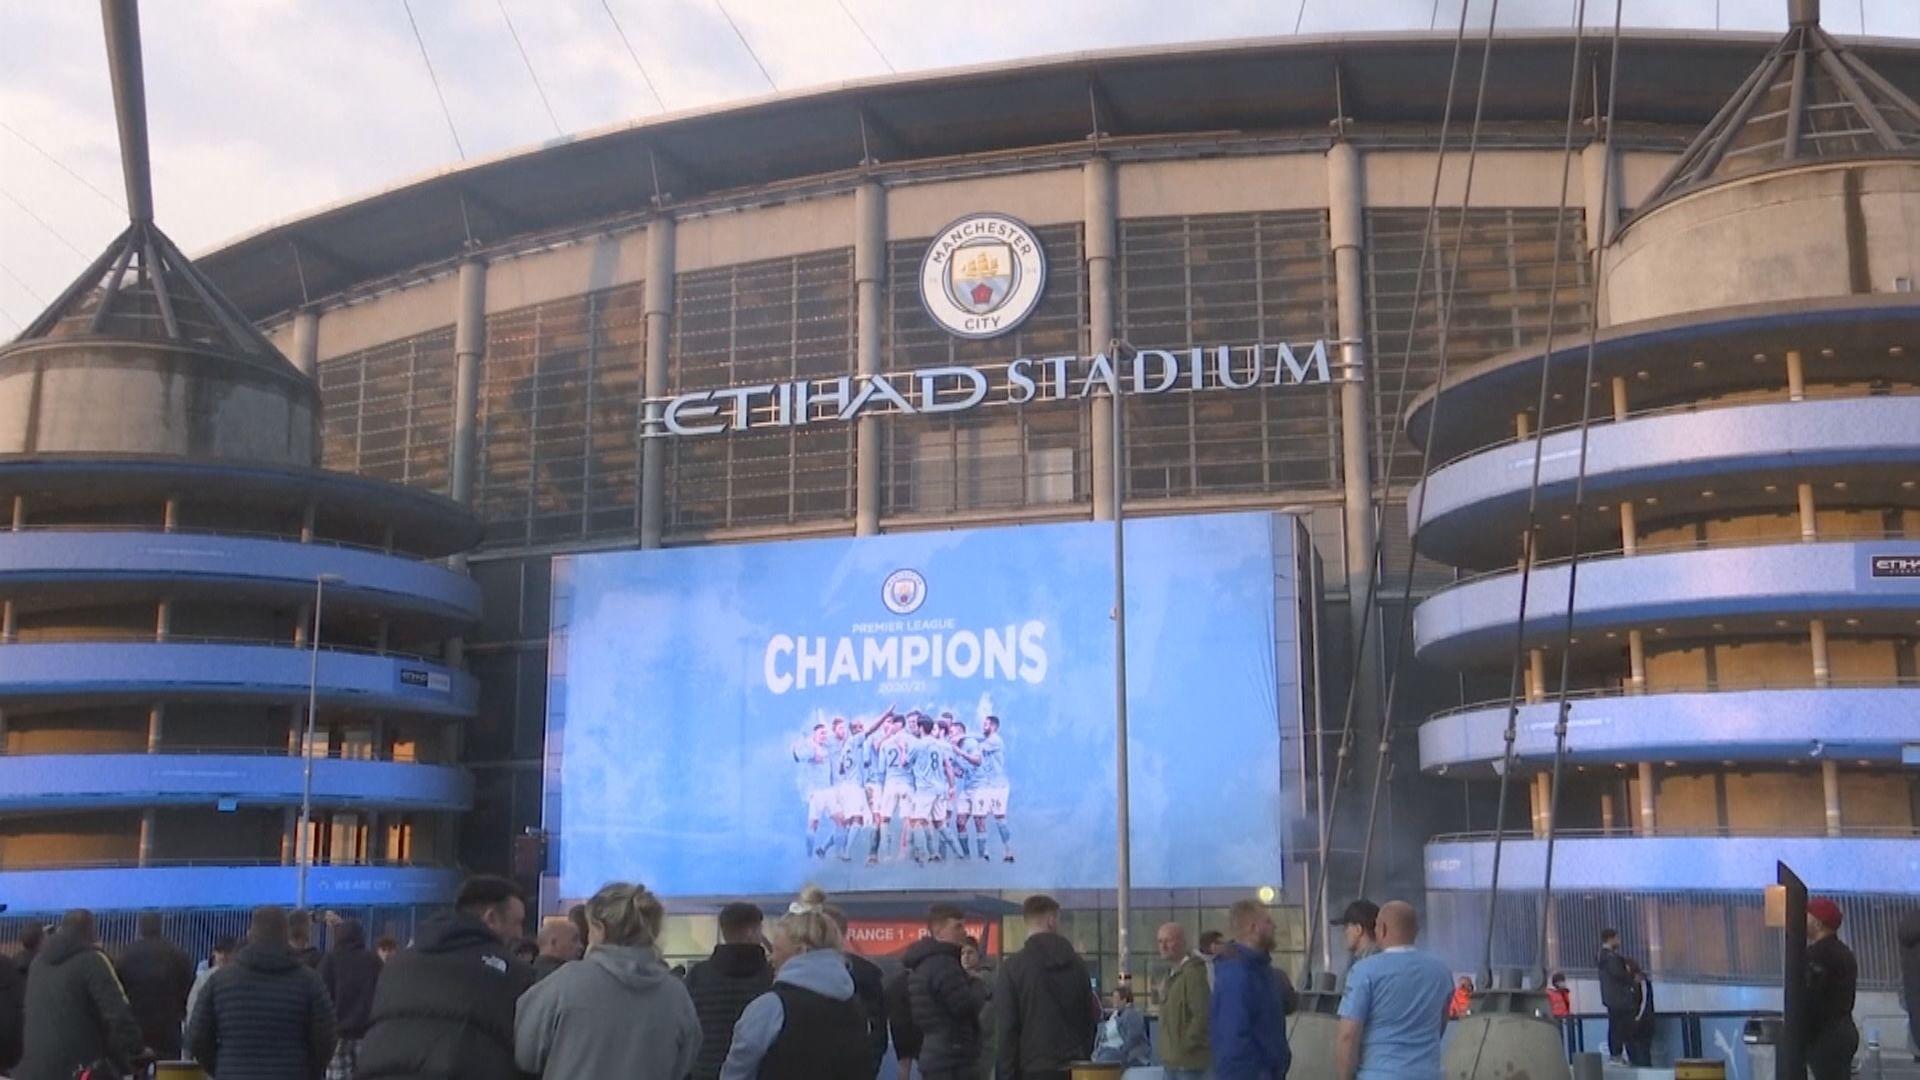 曼聯1:2李斯特城 曼城提前鎖定贏今屆英超冠軍